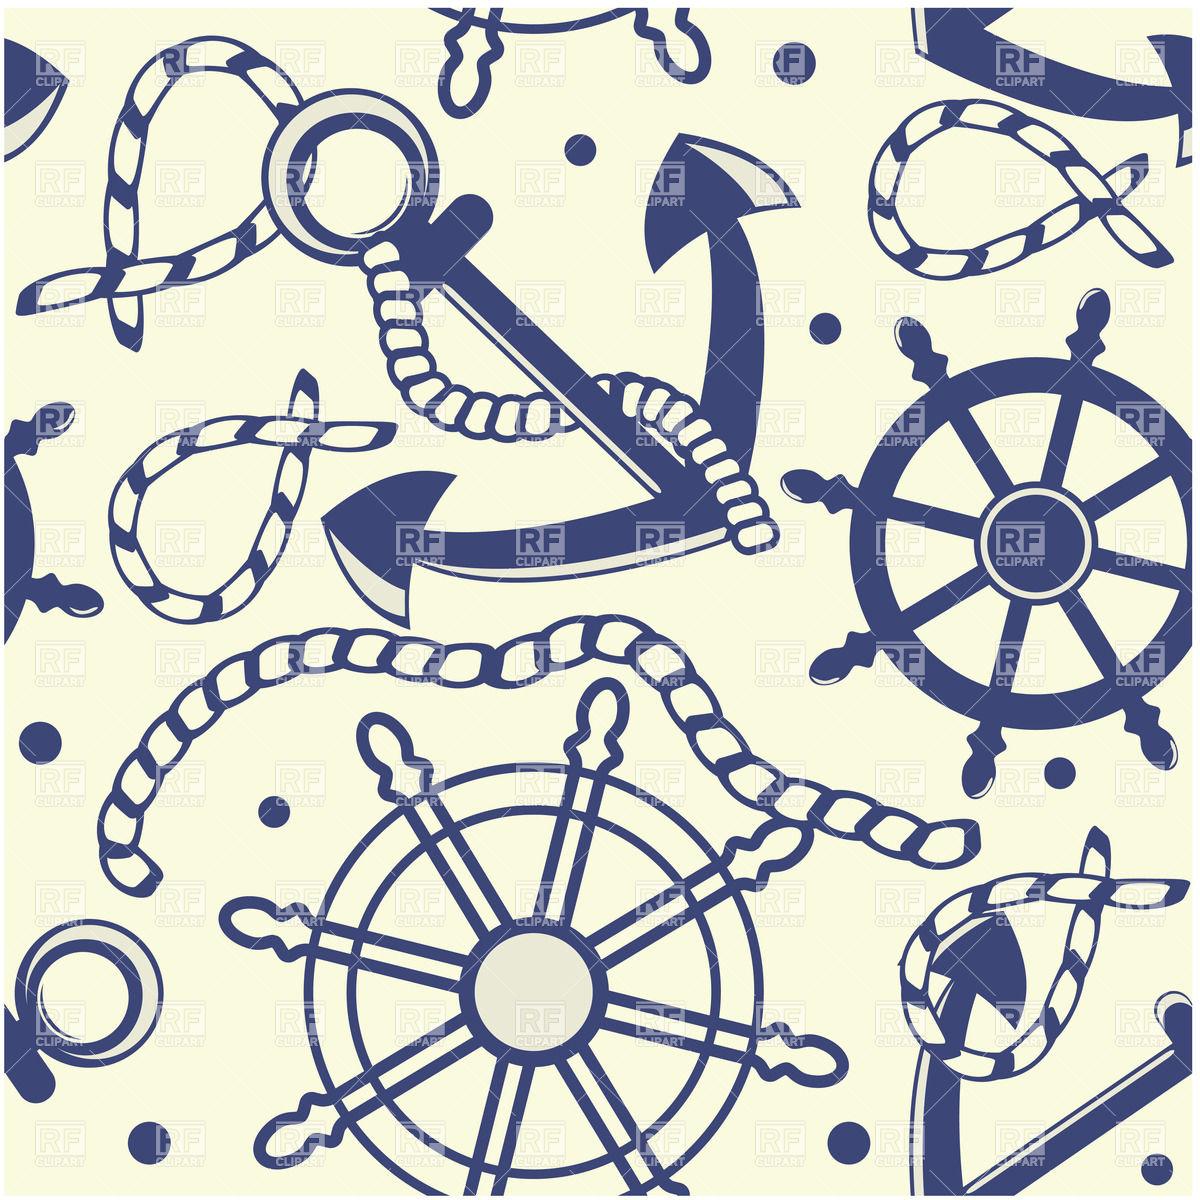 Sailing symbols.